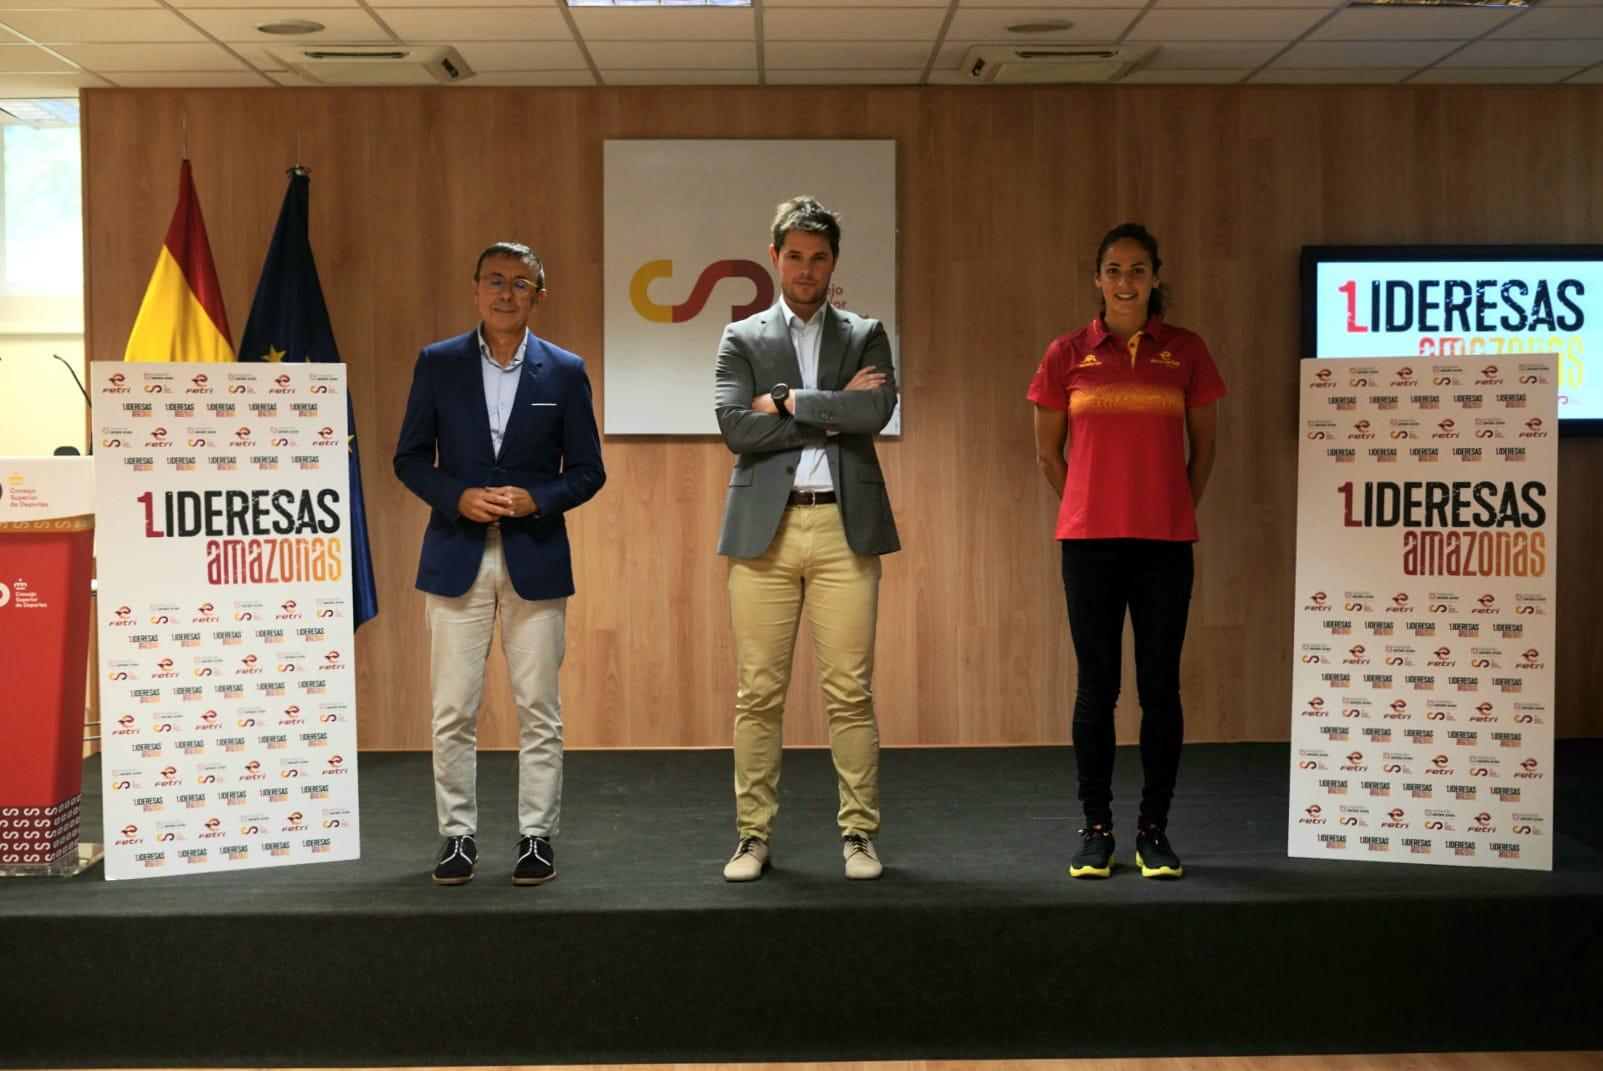 FETRI y la Fundación Deporte Joven del Consejo Superior de Deportes presentan Lideresas Amazonas